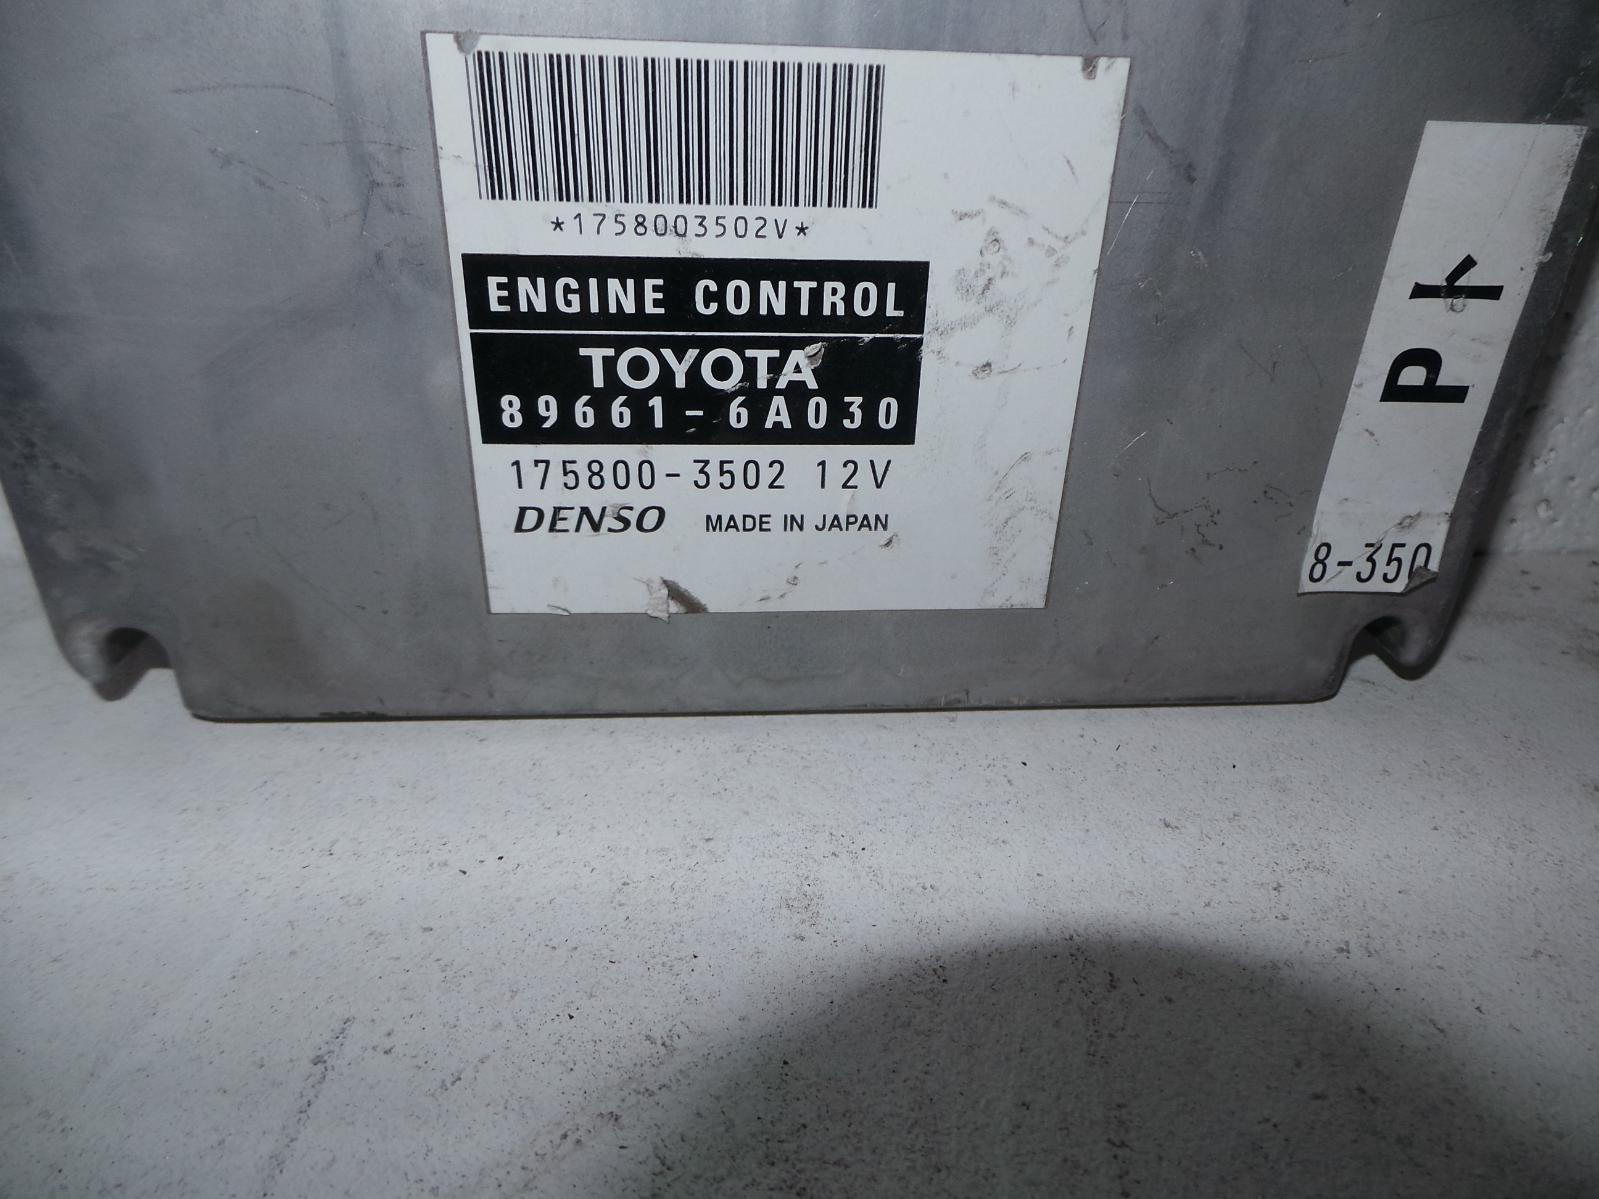 TOYOTA PRADO, Ecu, ENGINE ECU, 3.0, DIESEL, AUTO, P/N 896616A030, ECU ONLY, 120 SERIES, 02/03-10/06